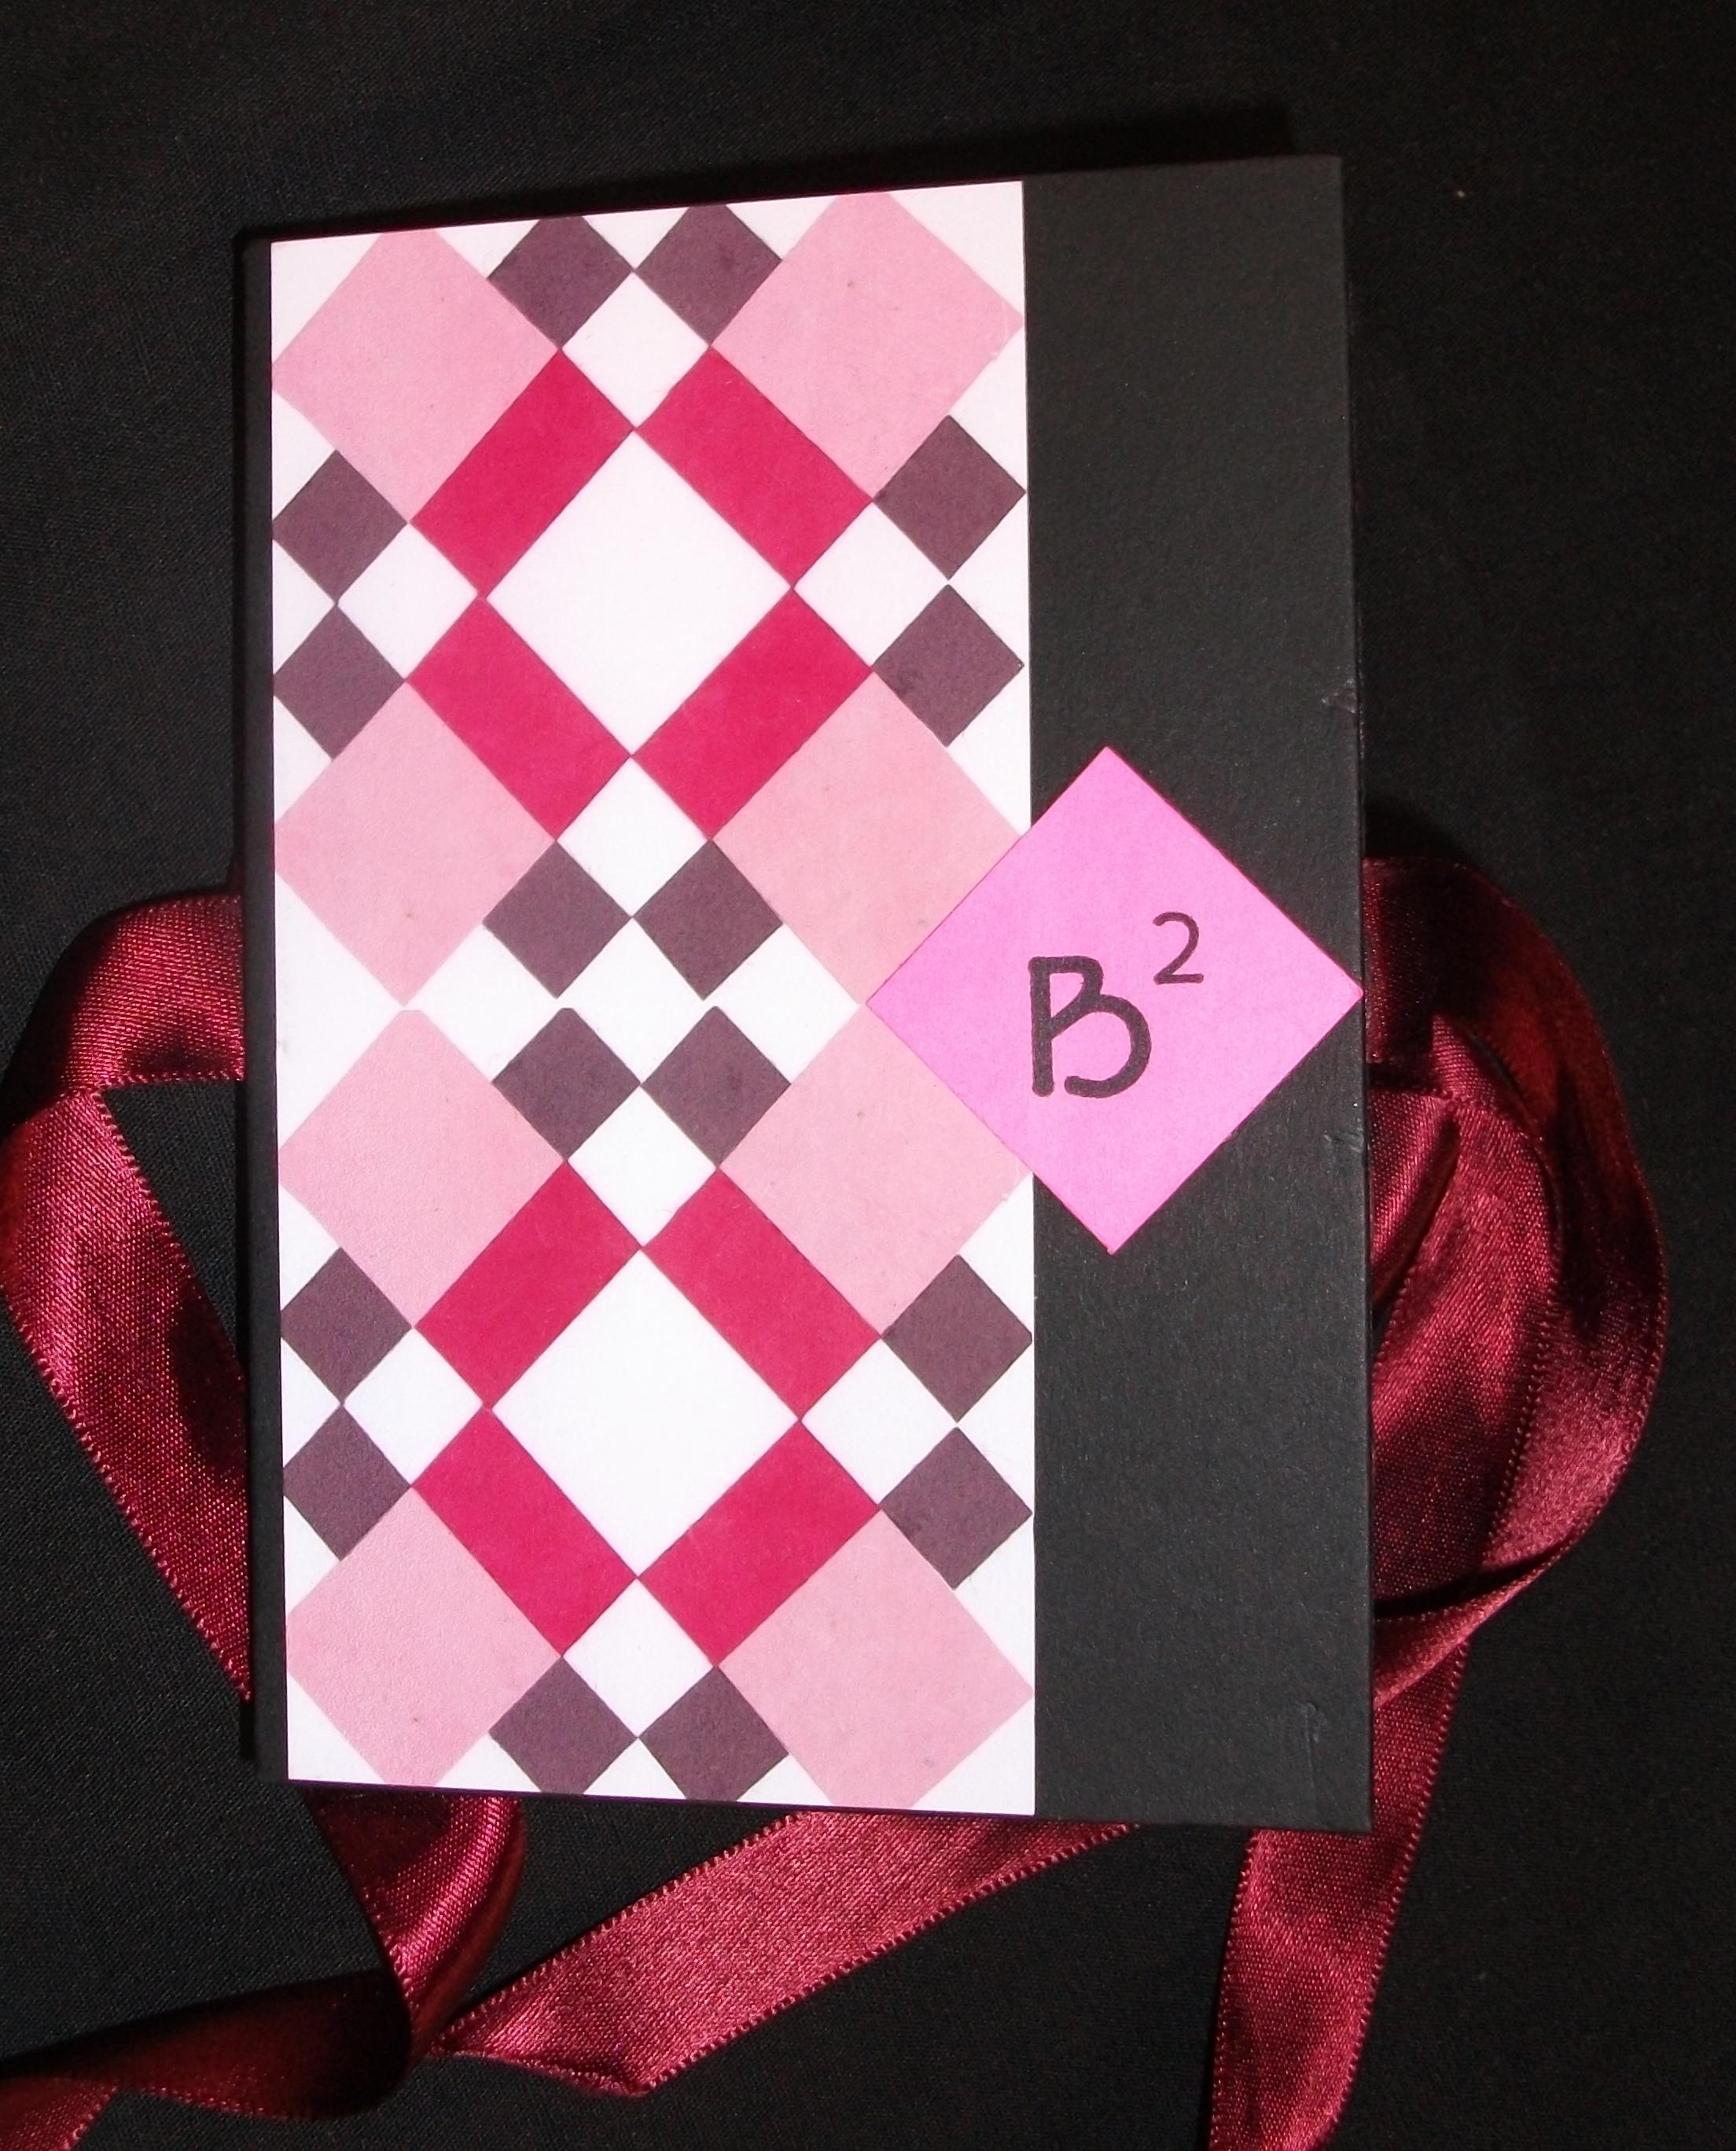 B2, Karen Hohler, Handmade book, Massachusetts, 2011